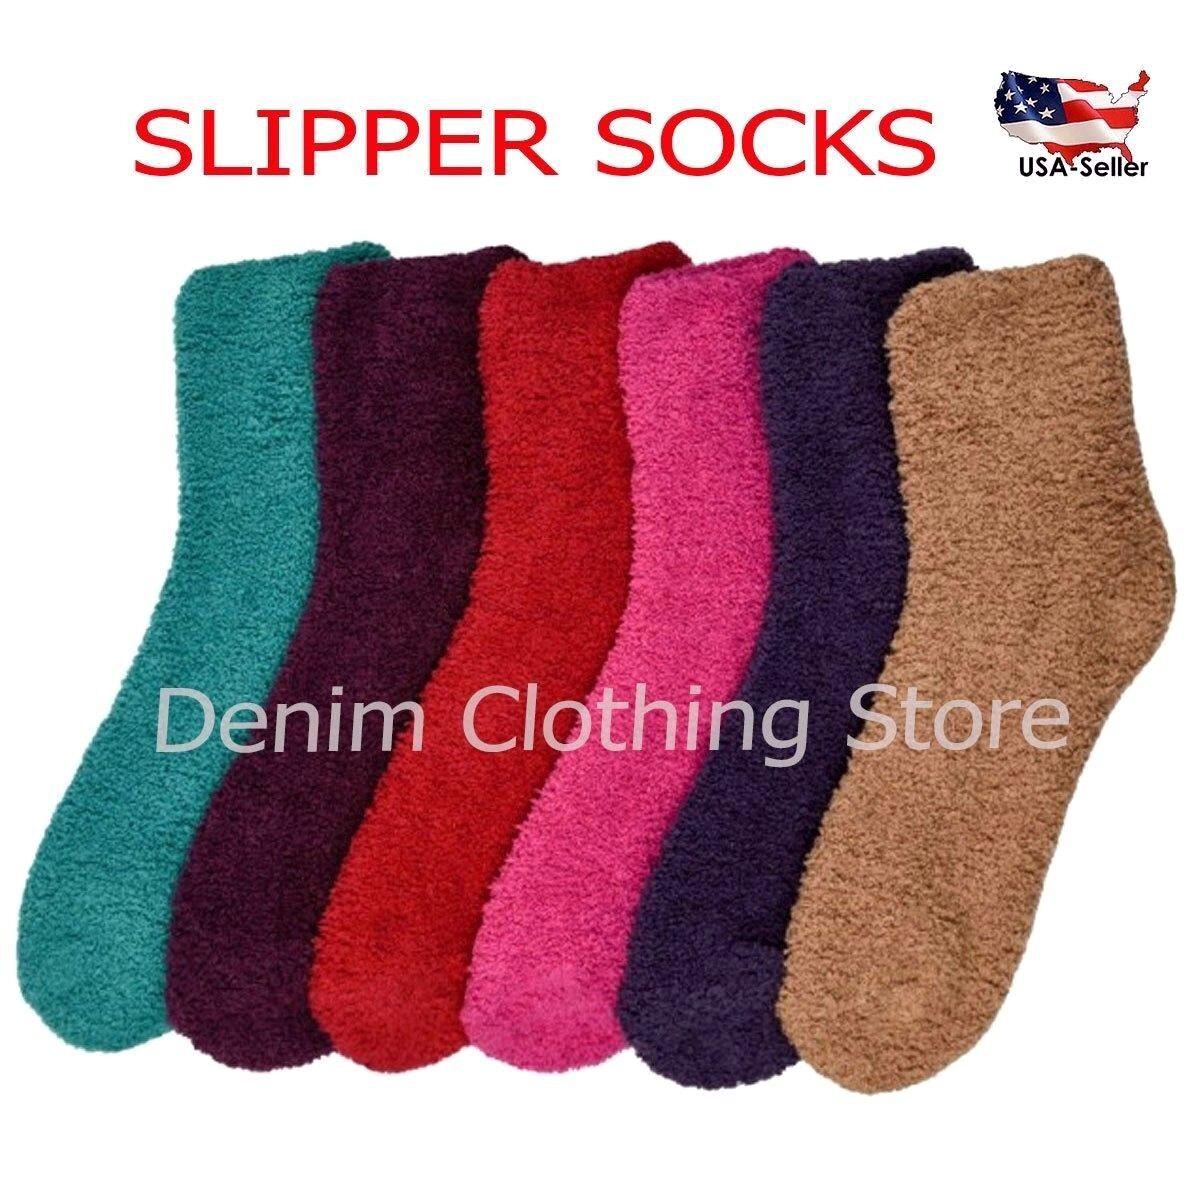 6 PAIRS WOMEN WARM WINTER SLIPPER CREW SOCKS SOFT COZY FUZZY